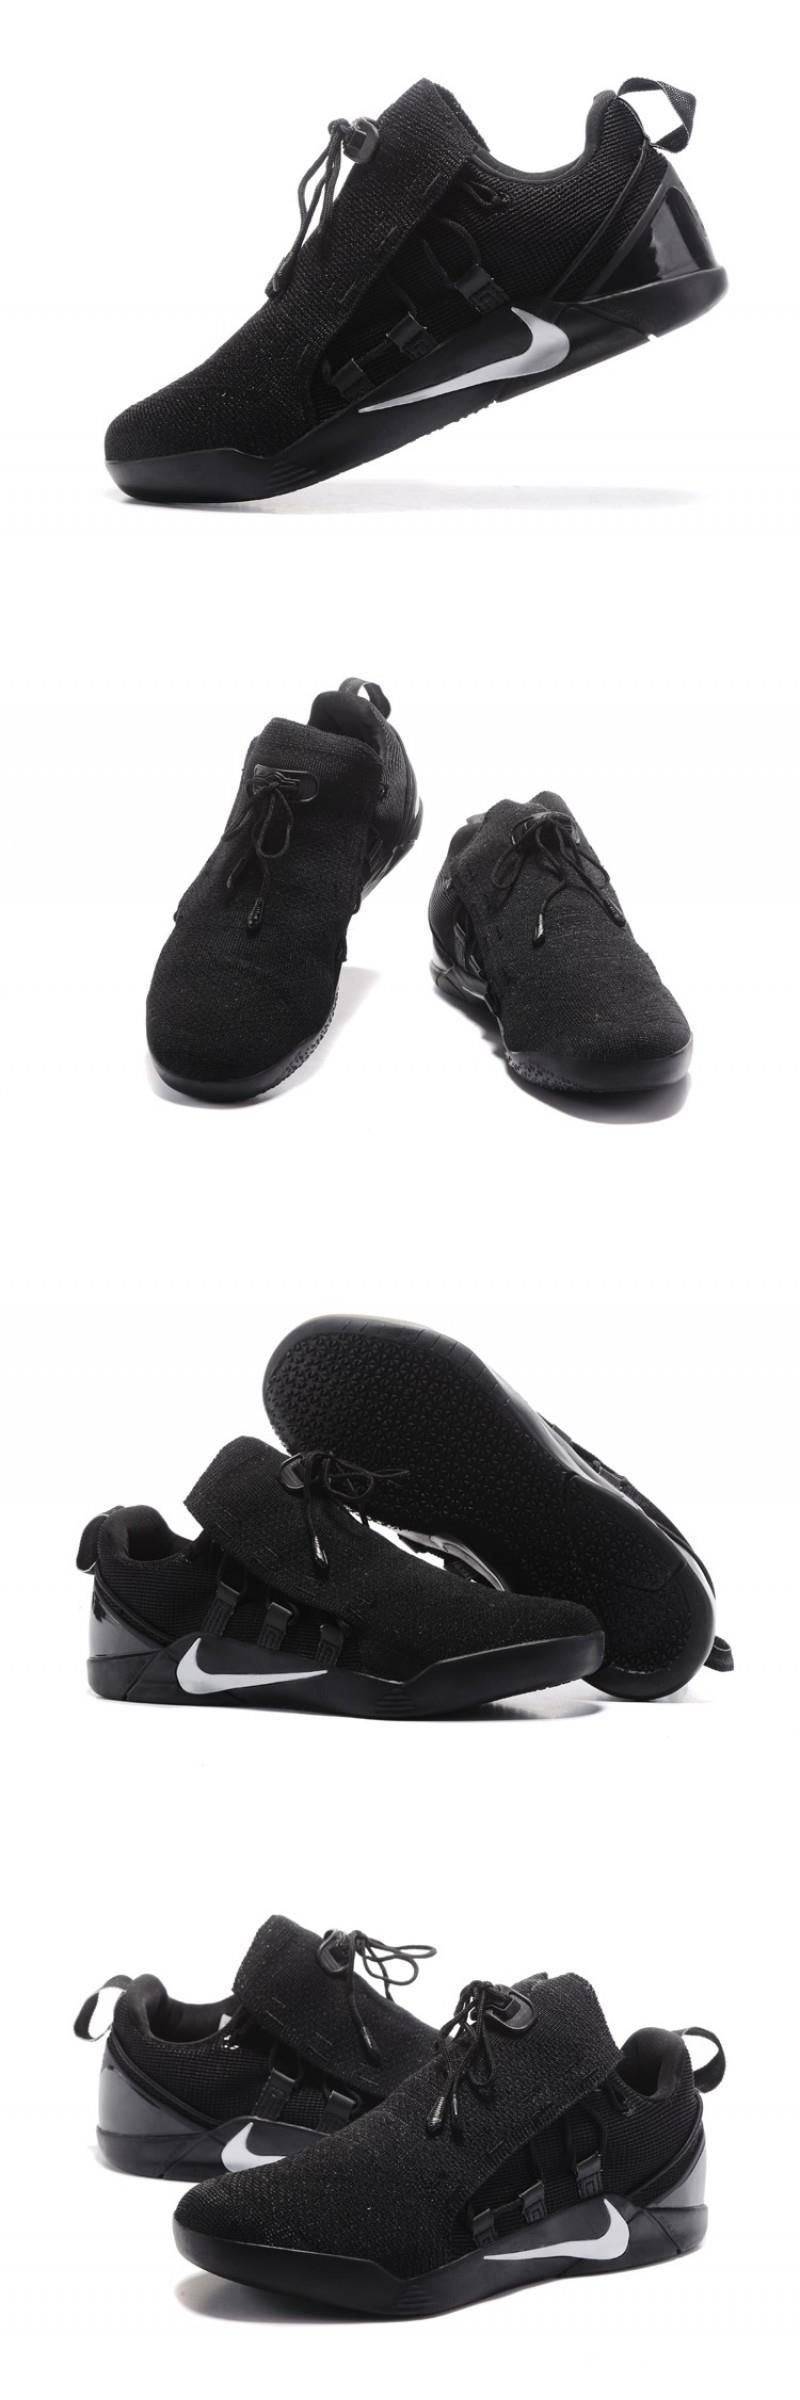 ボード「Nike Shoes Outlet」のピン